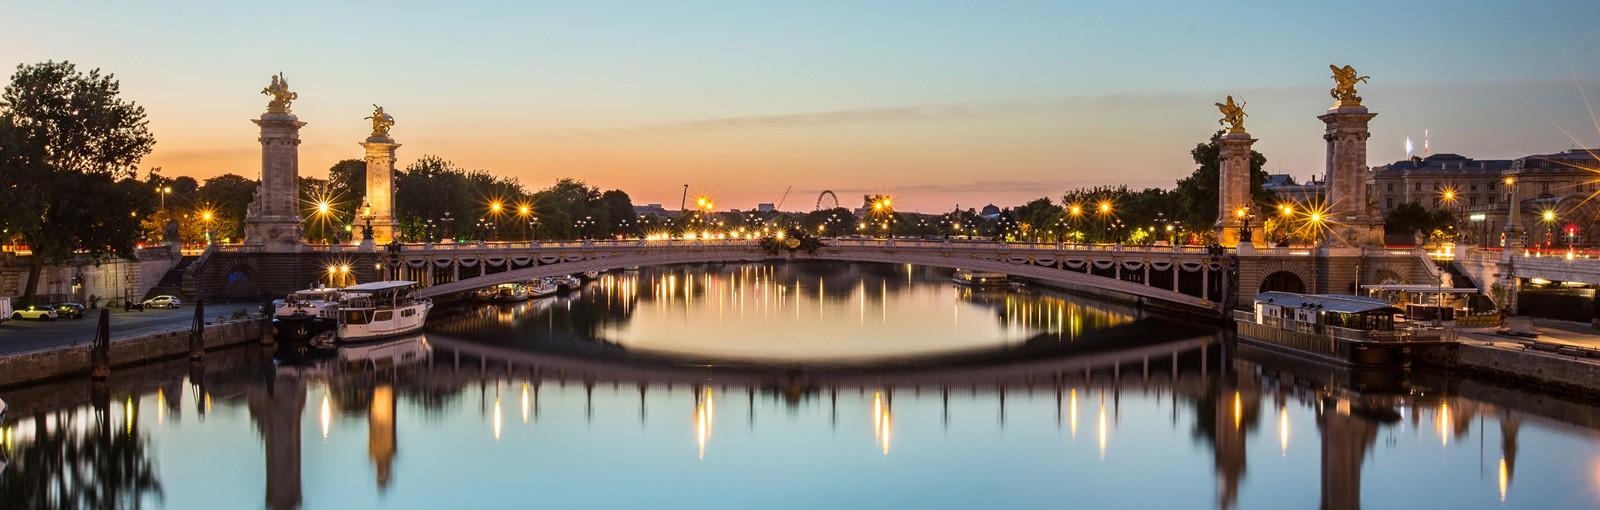 Tours Illuminations tour - Sightseeing - Paris Tours